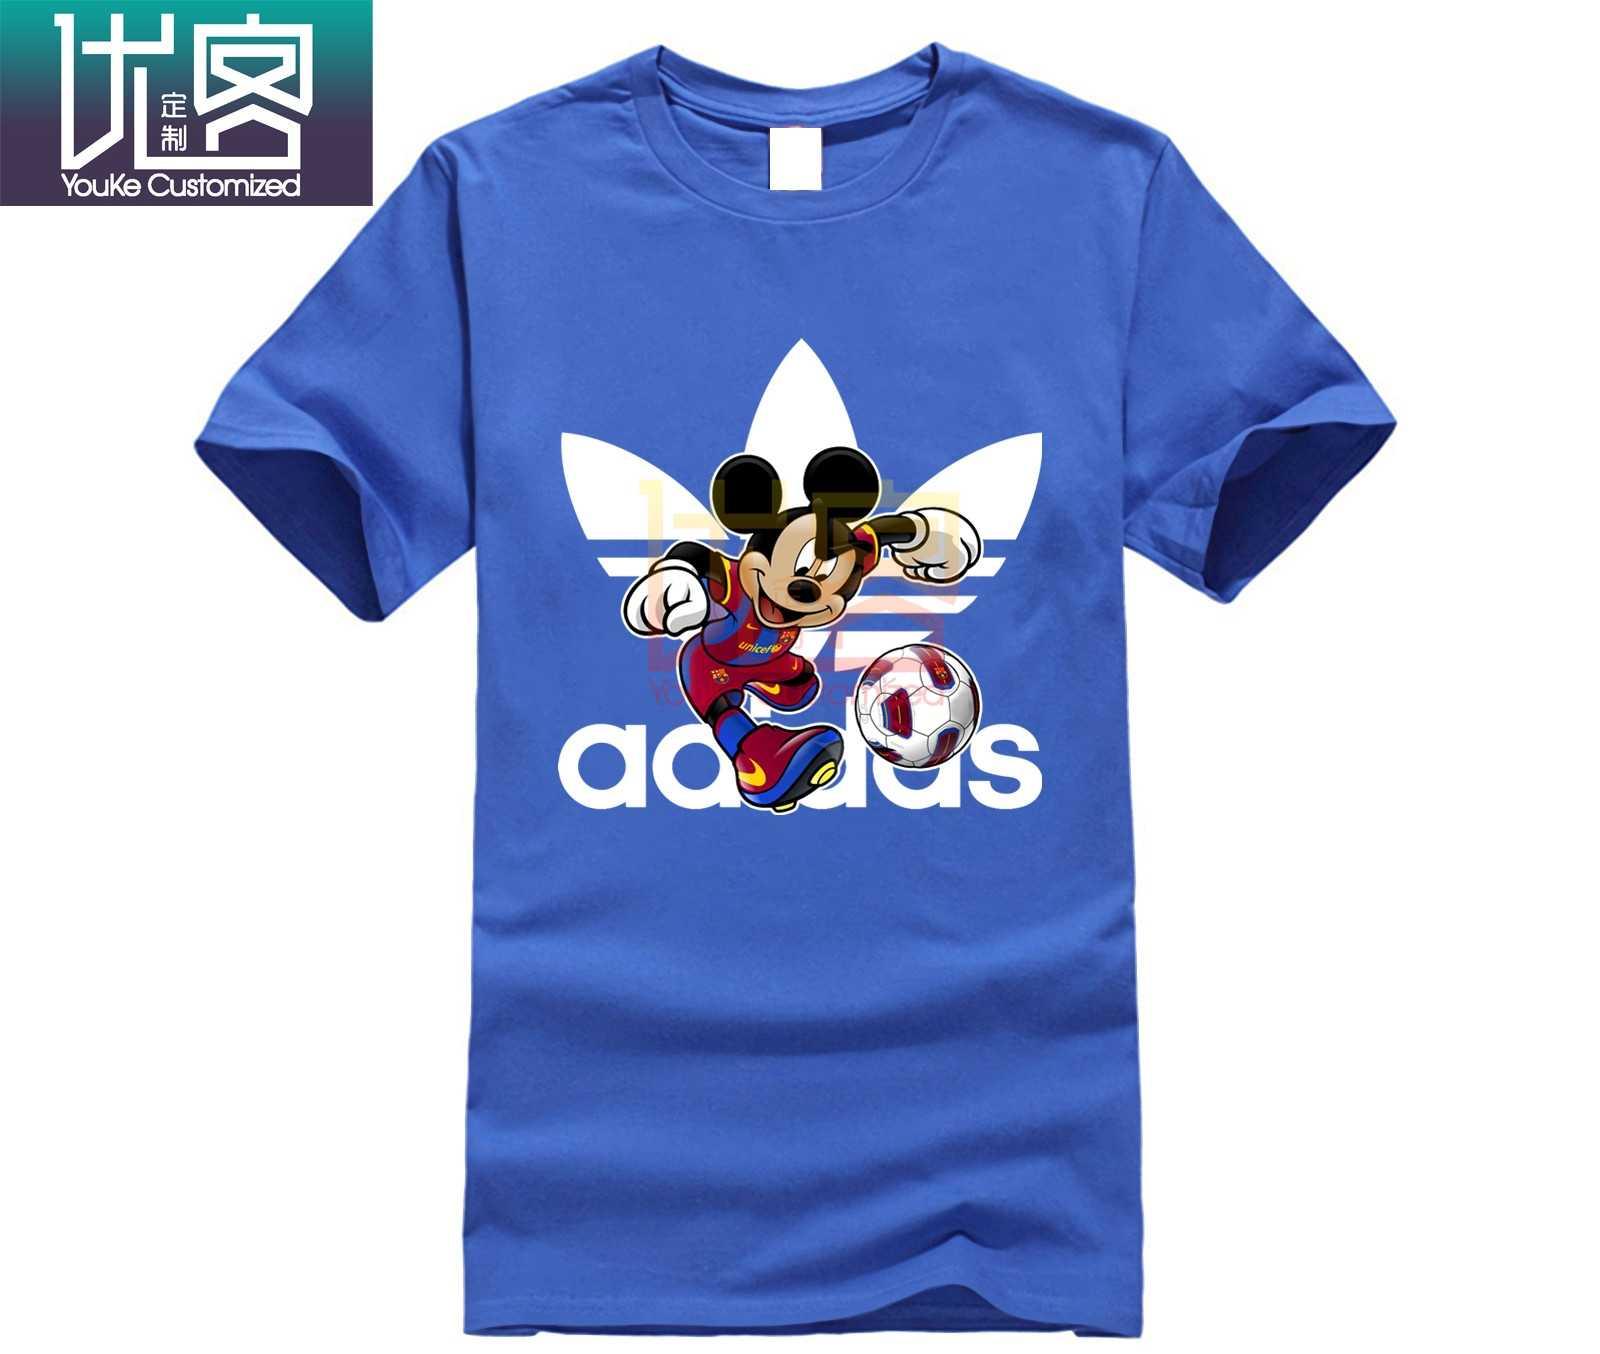 """Мужские addidas """"ниикэ"""" Barcelona Football Микки одежды с принтом из мультфильма Disney спортивный логотип футболки красивый принт «Микки Маус» для мужские укороченные брюки из хлопка"""